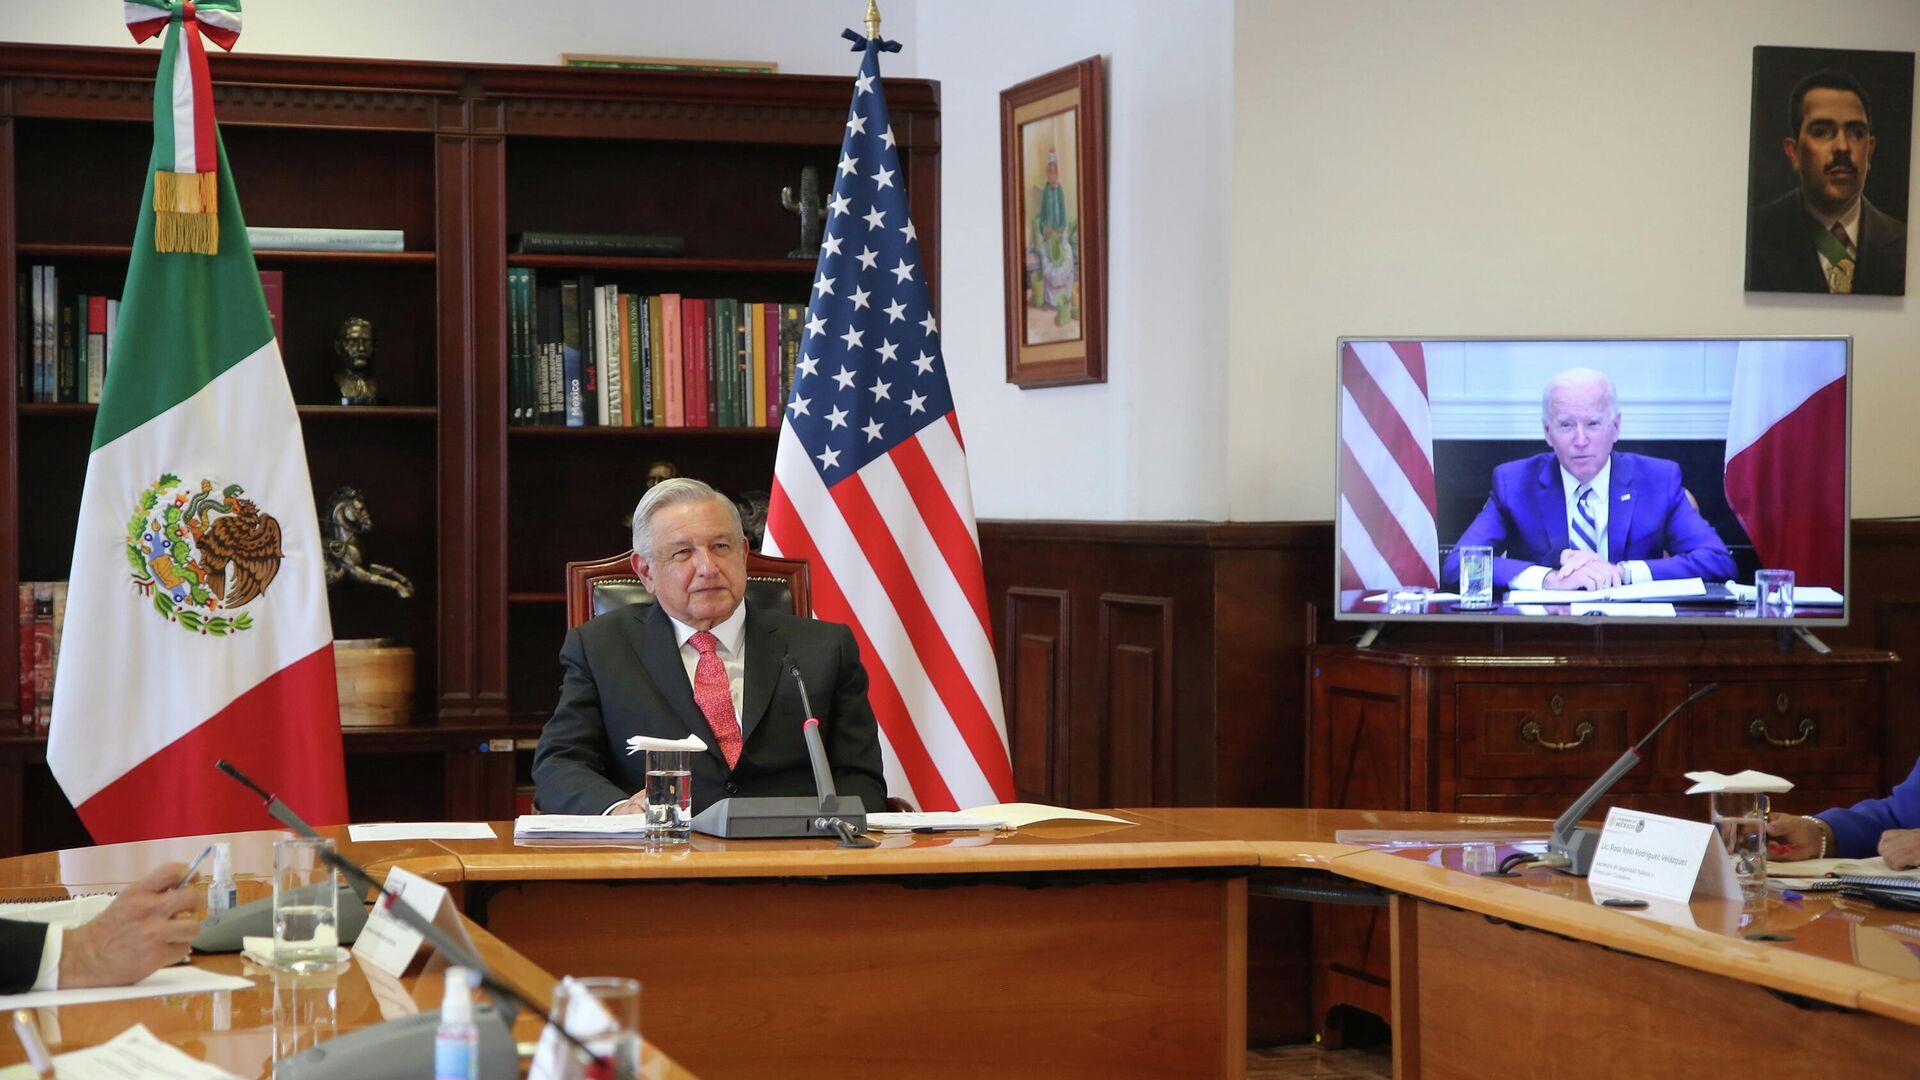 Andrés Manuel López Obrador, el presidente de México durante la conversación con su homólogo Joe Biden - Sputnik Mundo, 1920, 02.03.2021